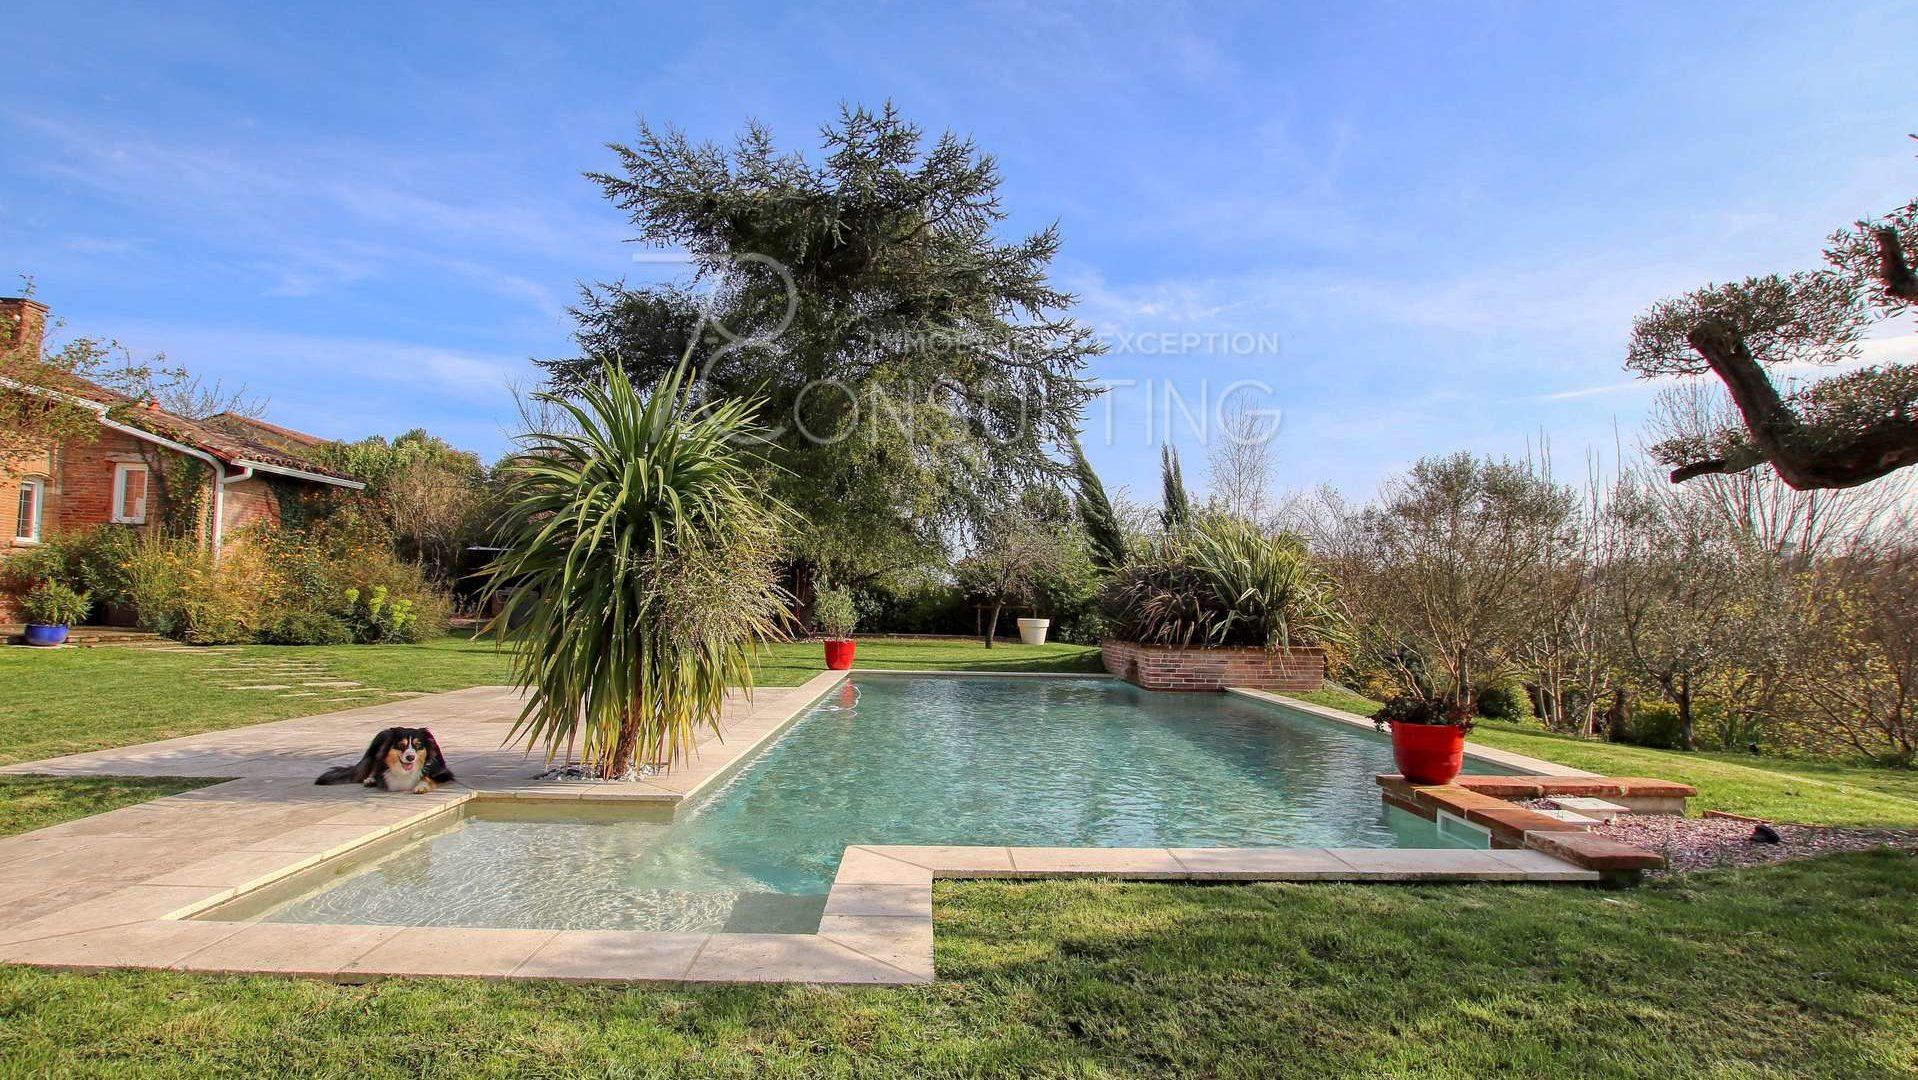 H piscine 4